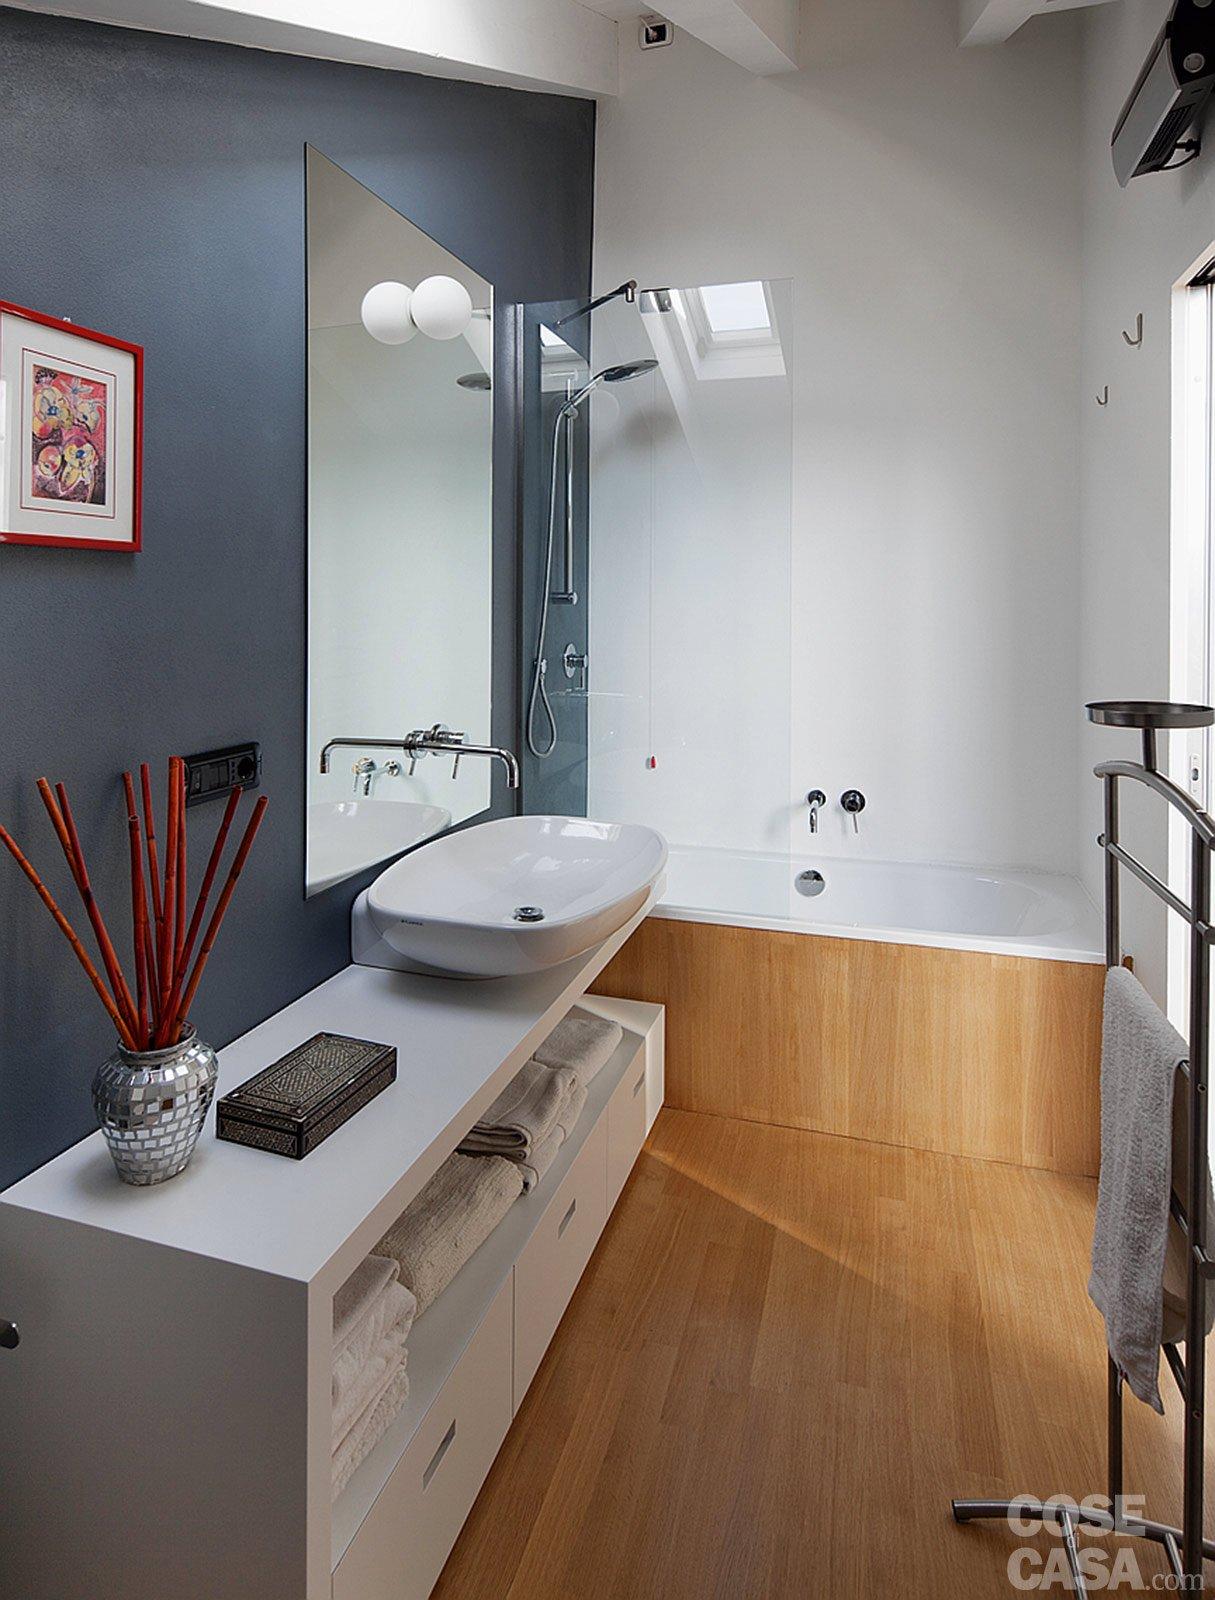 60 50 mq una casa con elementi a scomparsa cose di casa - Parquet nel bagno ...